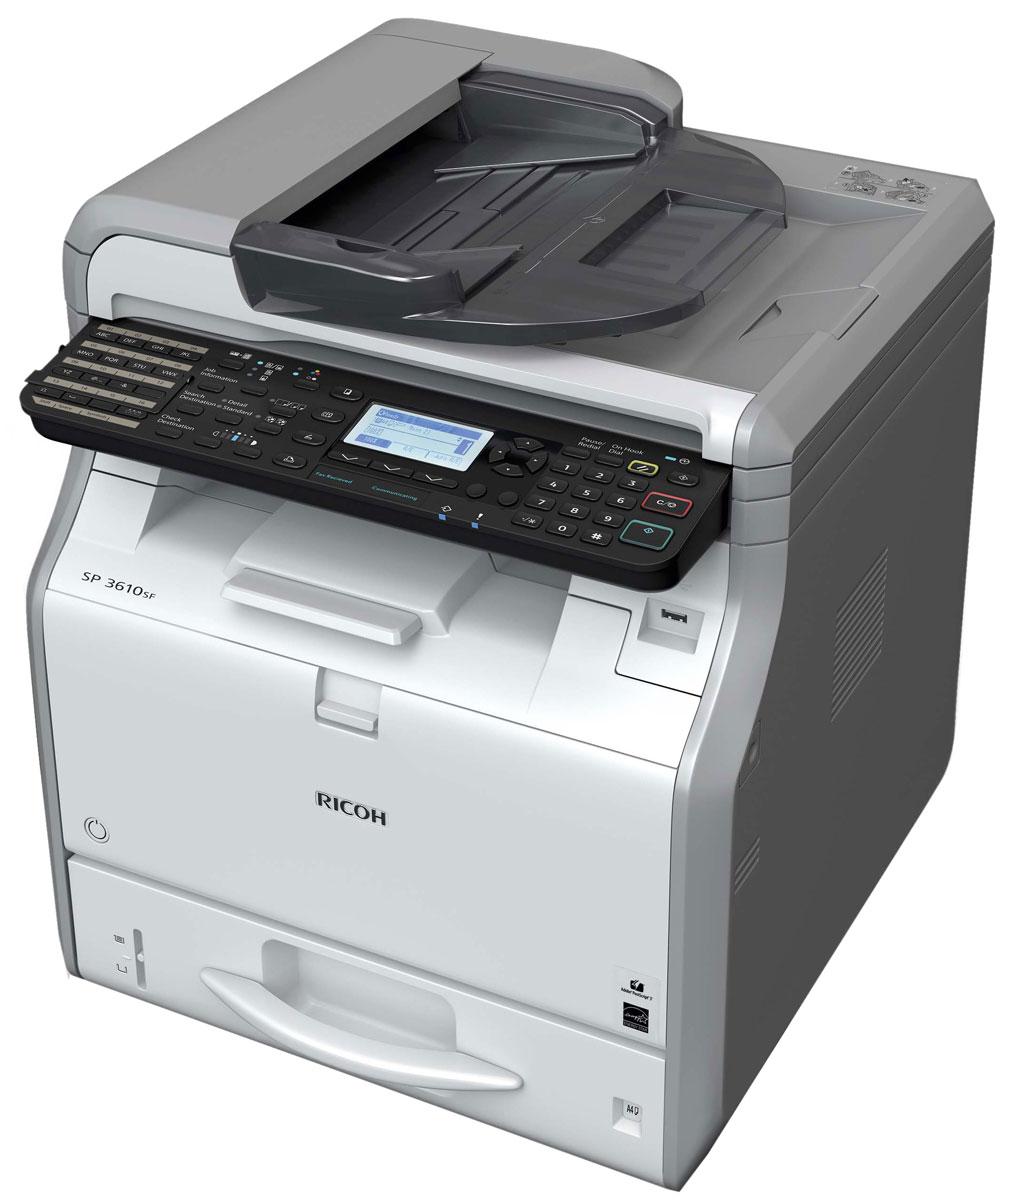 Ricoh SP 3610SF МФУ906386МФУ Ricoh SP 3610SF идеально в том, что касается экономичной черно-белой печати, копирования, сканирования и отправки факсов. Привлекательная цена и низкая совокупная стоимость владения делает эту модель разумным долгосрочным капиталовложением.Новый контроллер Ricoh, обеспечивающий непревзойденную скорость работы, повысит производительность вашего офиса. Компактный размер позволяет разместить МФУ прямо на рабочем столе, а фронтальный доступ к устройствам облегчает их обслуживание. SP 3600SF/SP 3610SF помогут вам повысить продуктивность работы без ущерба для окружающей среды.Среды Windows: Windows XP, Windows Vista, Windows 7, Windows 8, Windows 8.1, Windows Server 2003, Windows Server 2003R2, Windows Server 2008, Windows Server 2008R2, Windows Server 2012, Windows Server 2012R2Среды Mac OS: Macintosh OS X Native v10.6 или более поздняя версияВремя прогрева: 14 секундОперативная память: 512 МБСканирование лазерным лучом и электрографическая печатьМасштабирование: От 25% до 400% с шагом 1%